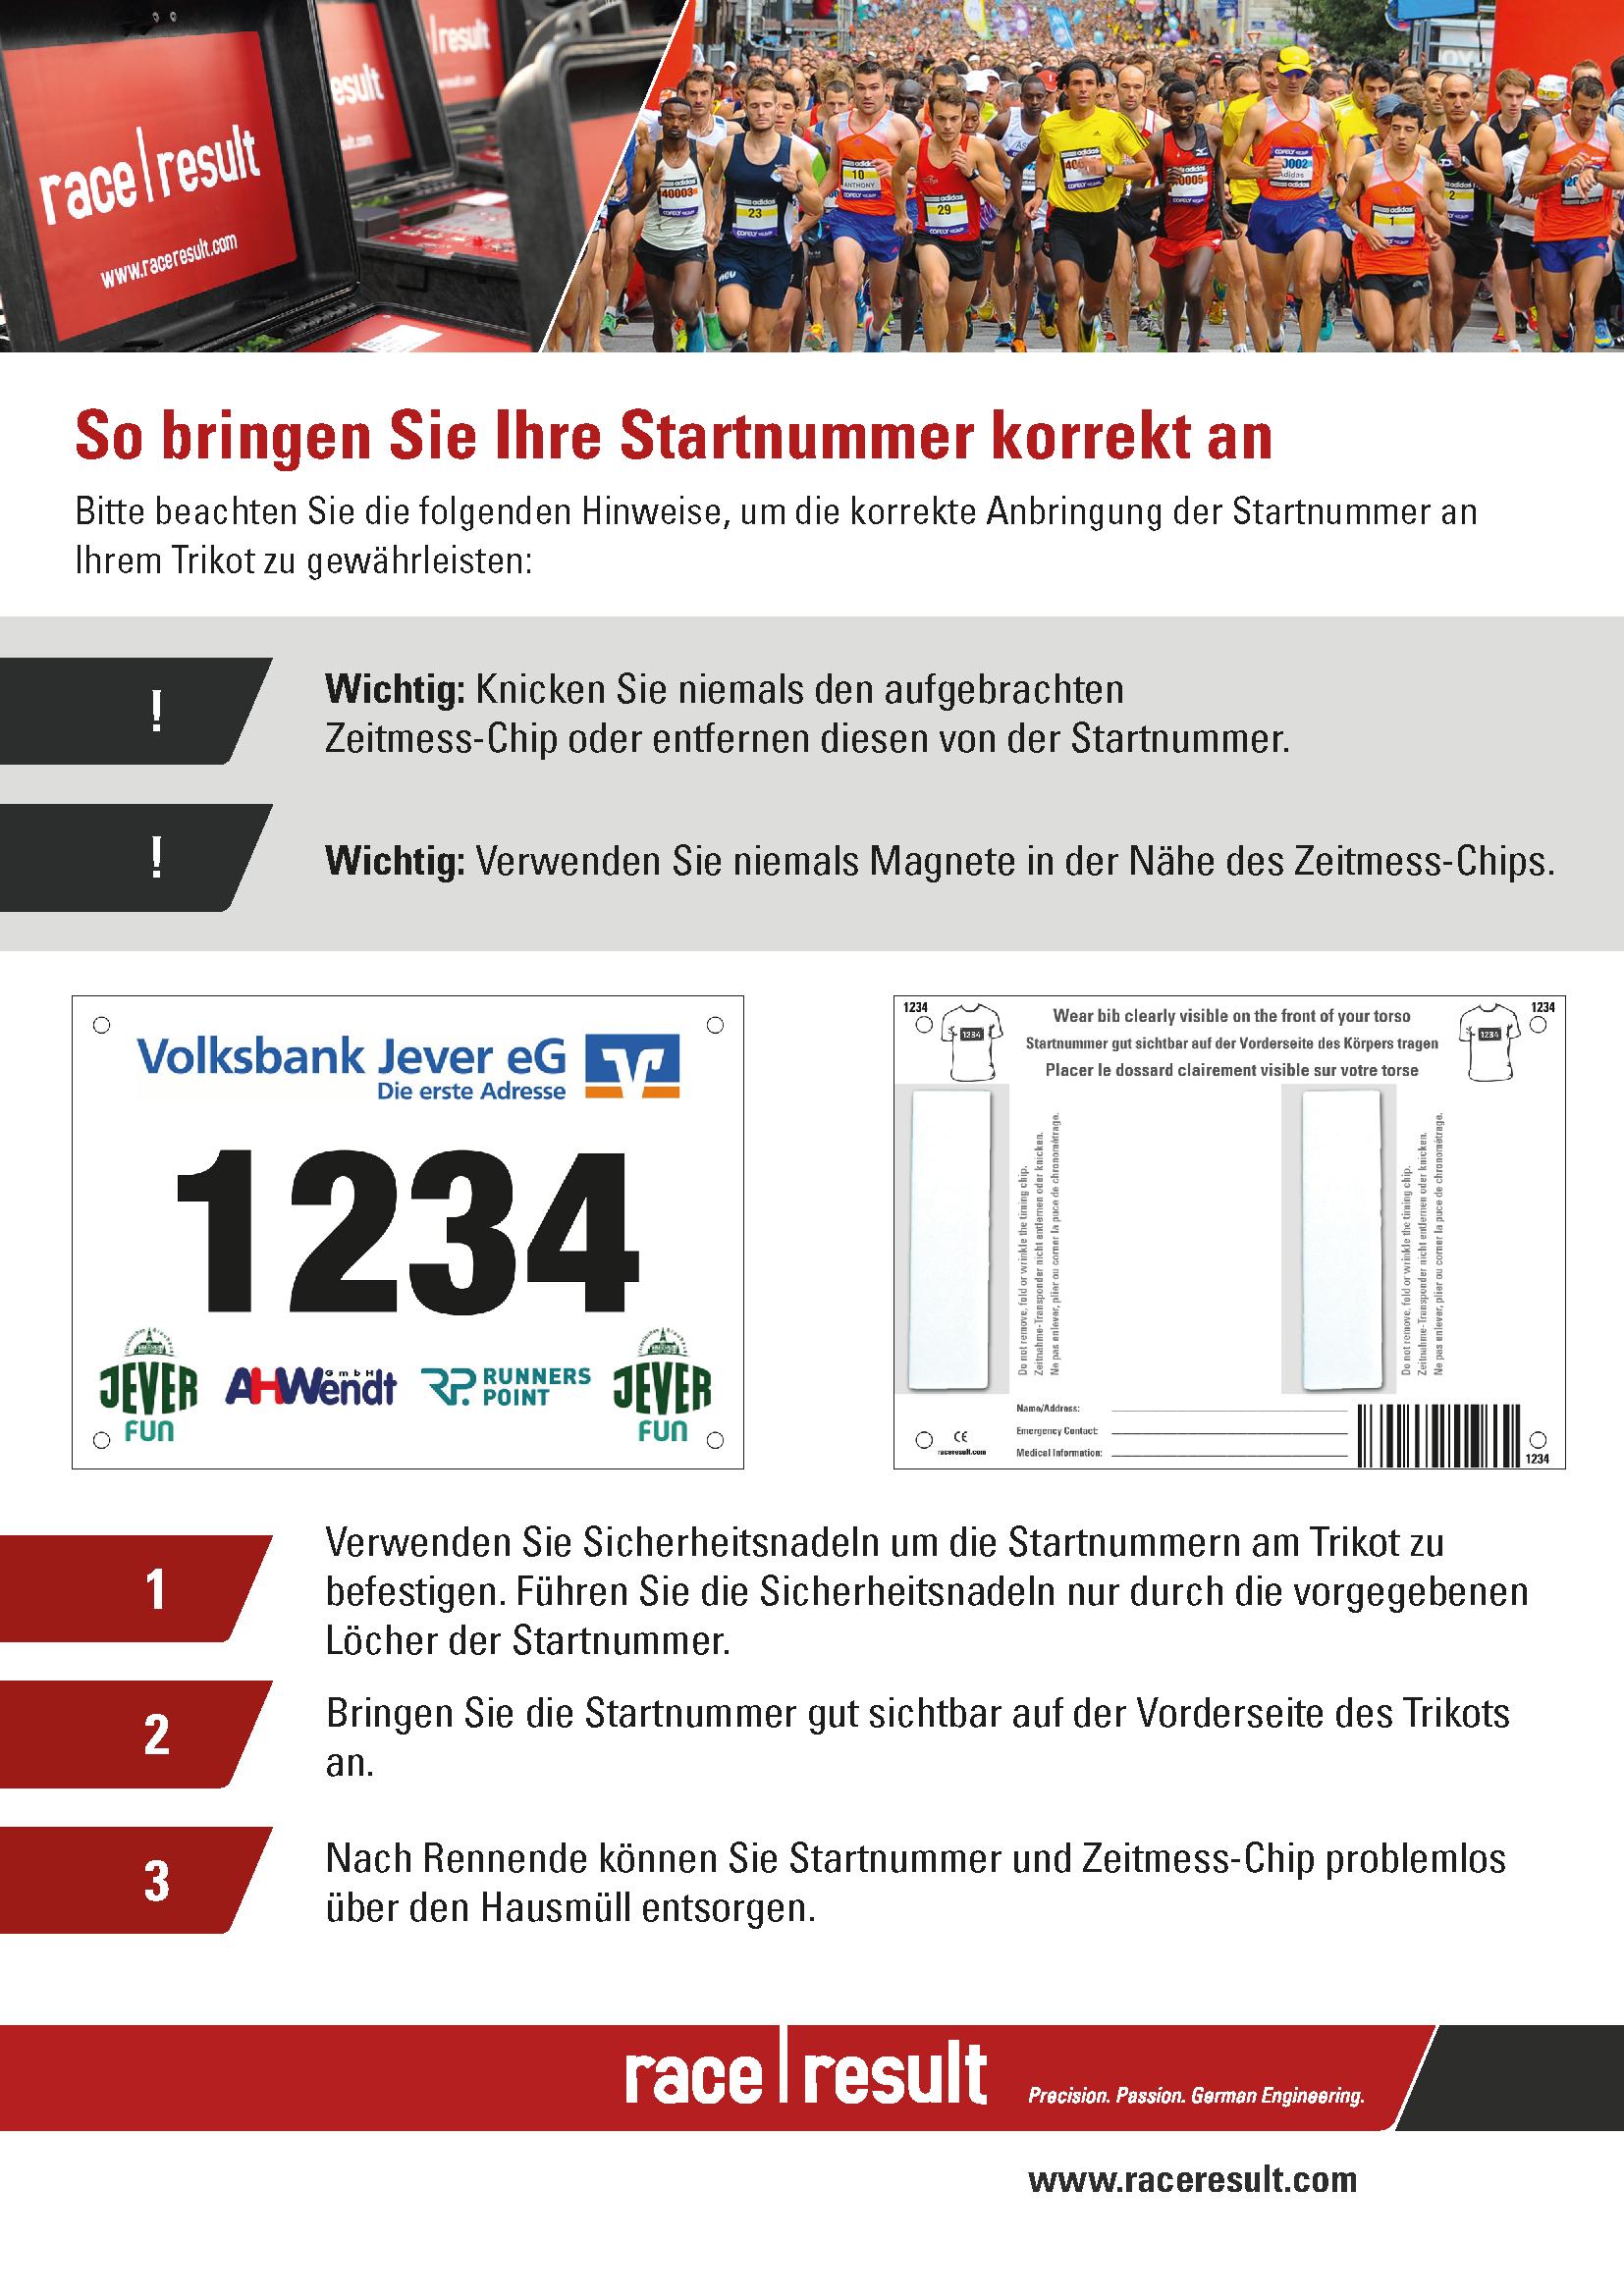 raceresult-Anleitung-Startnummer_JeverFunLauf